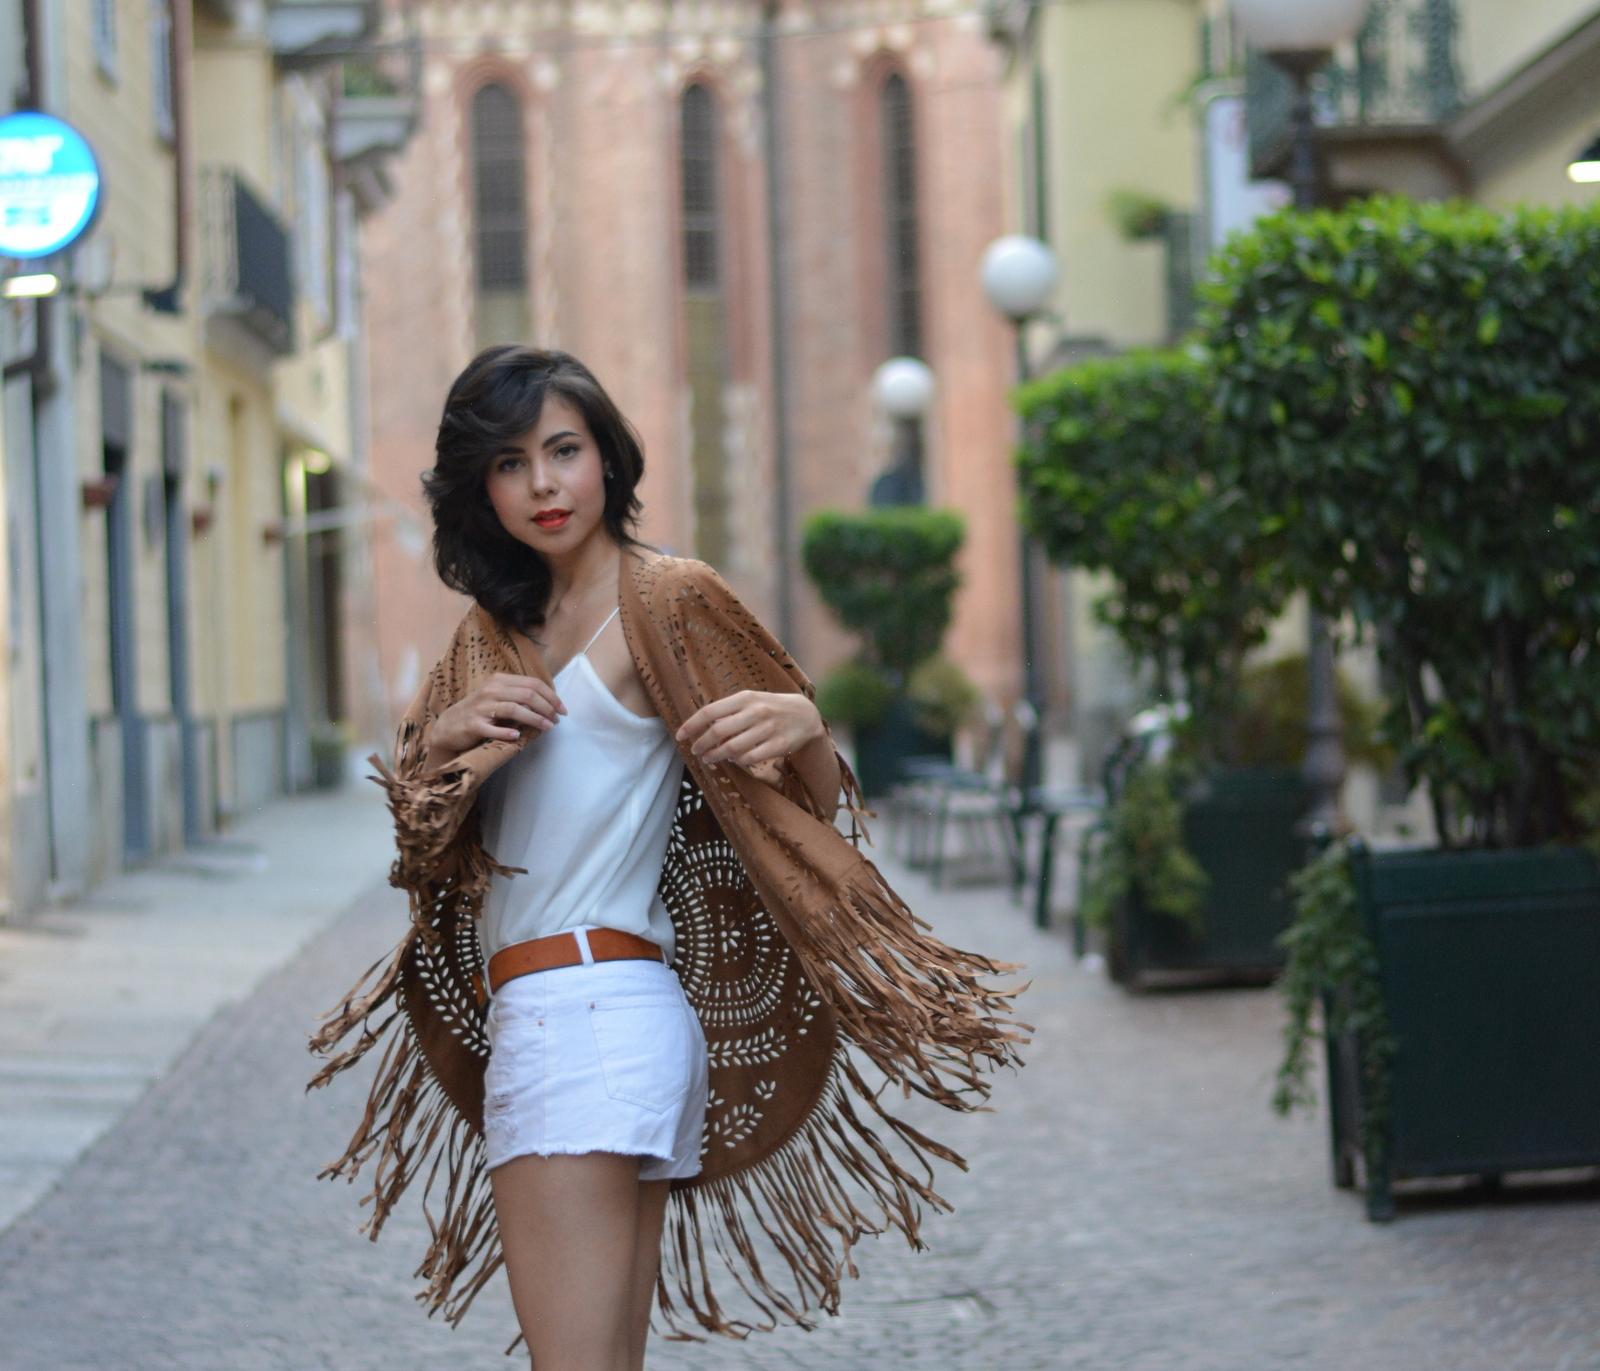 Gigi Les Autres, les autres, Juliane Borges, ootd, outfit, choies, Zara, Mango, primadonna, boho, culture and trend